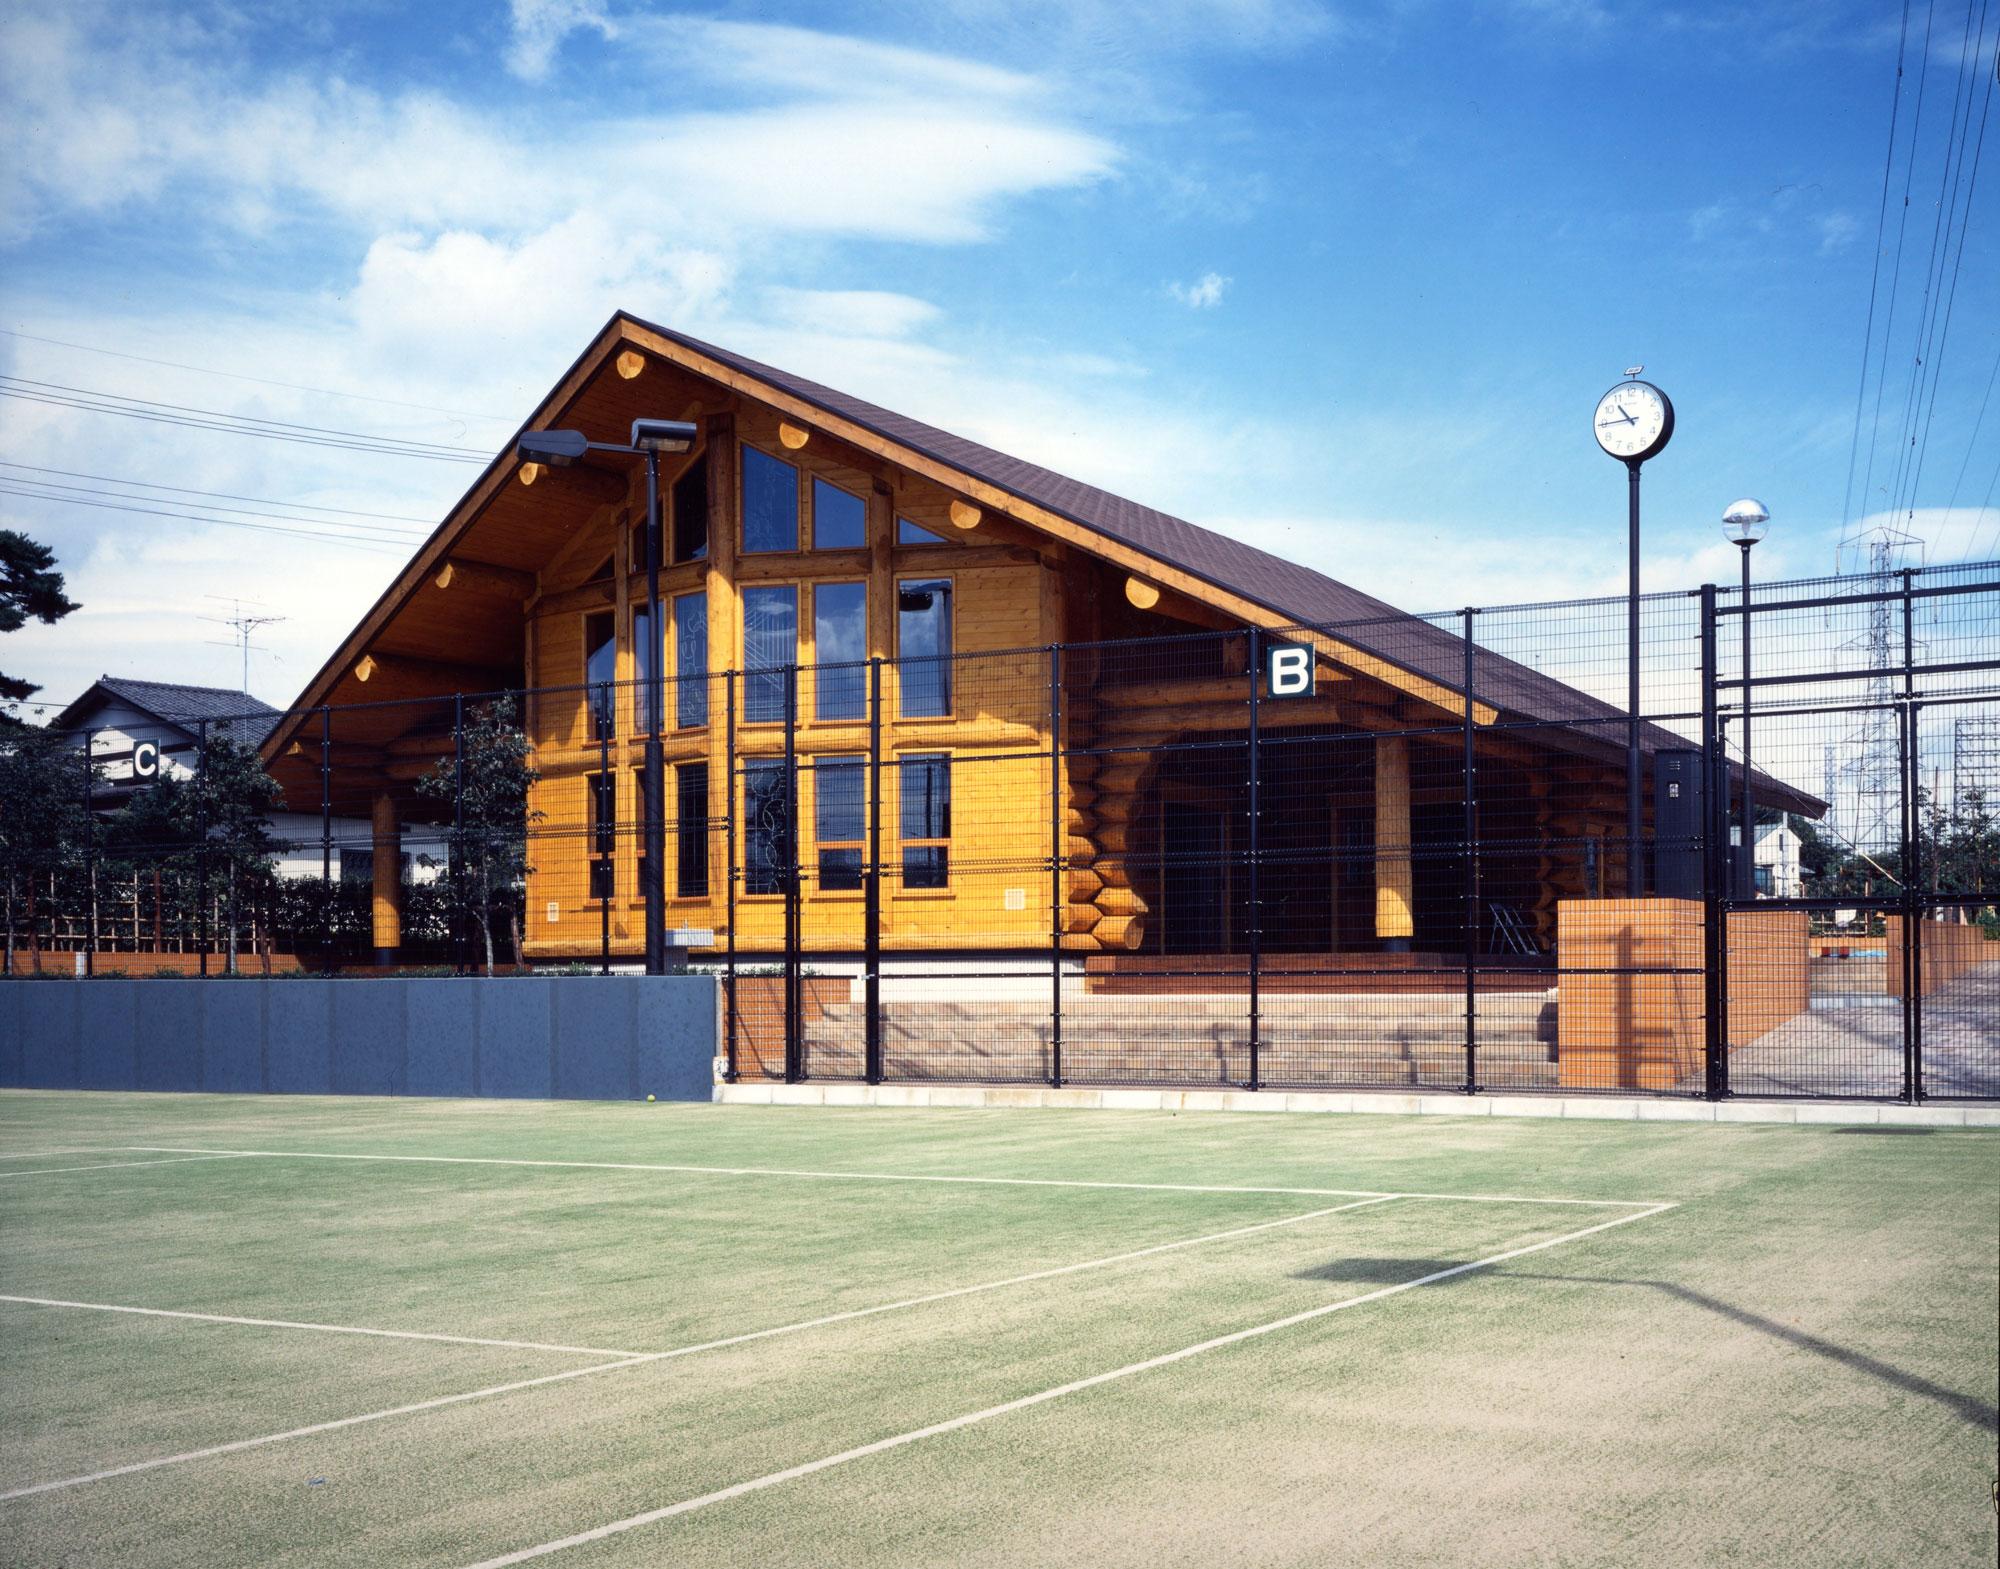 1997年度「日本ログハウス・オブ・ザ・イヤーハンドカット部門奨励賞優秀賞」受賞 東京都調布 緑ヶ丘テニスコート・クラブハウス